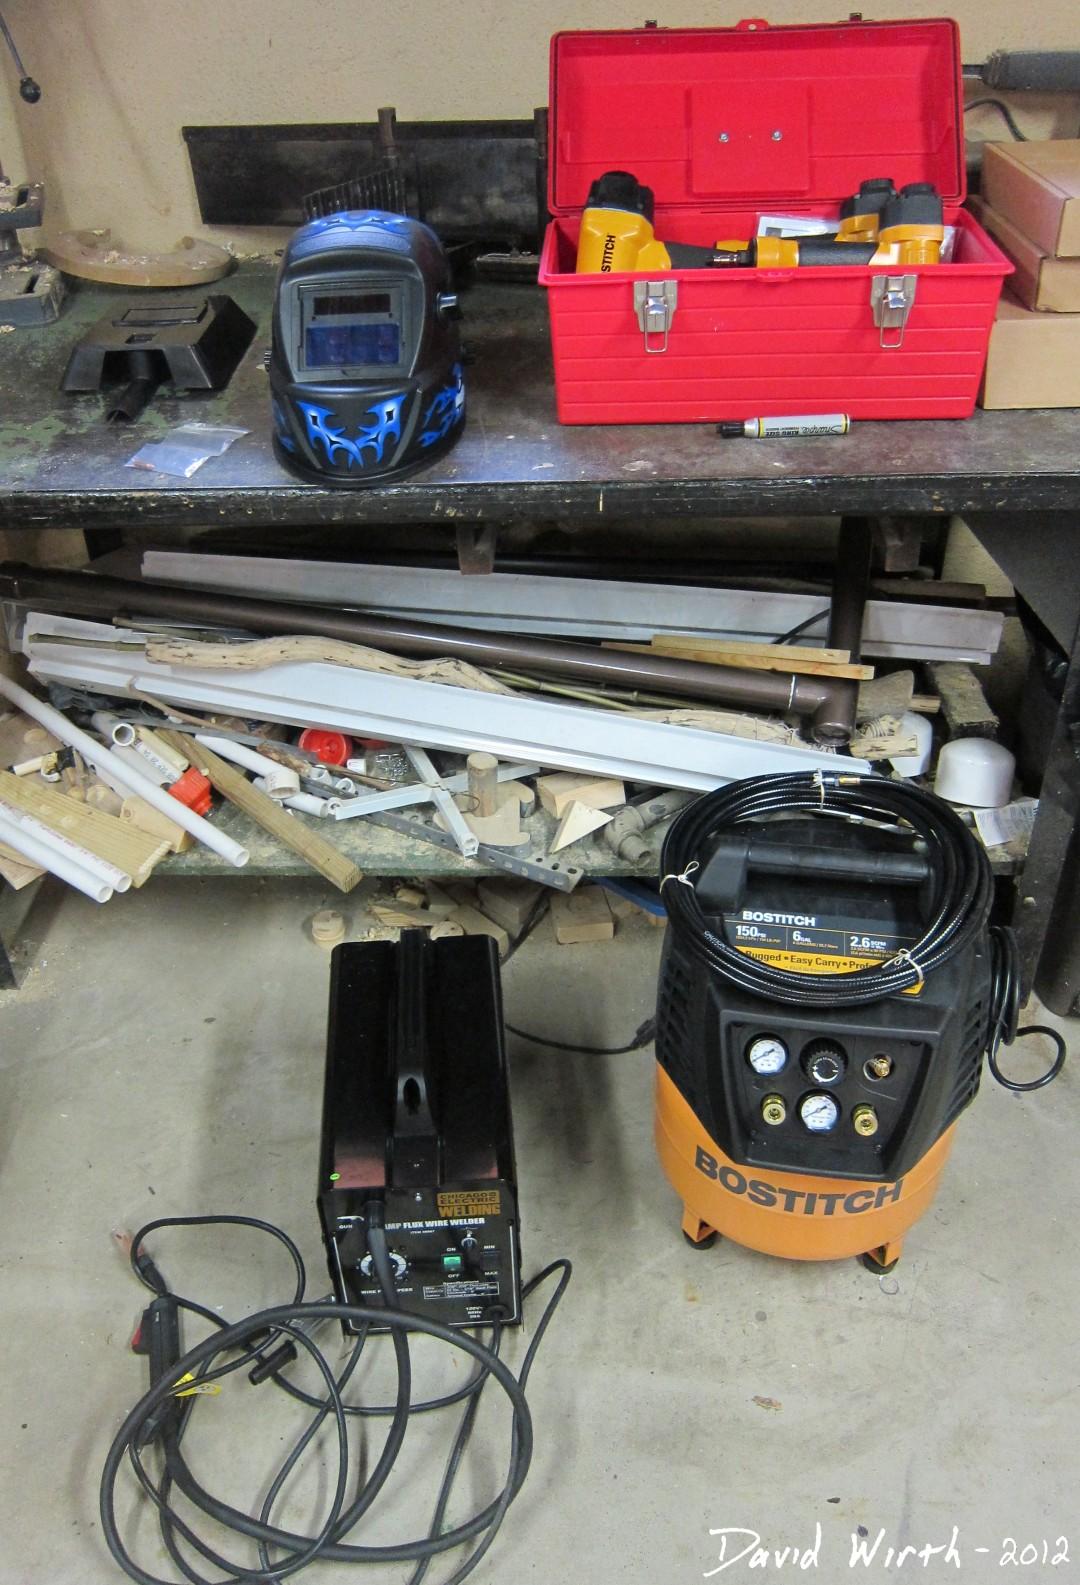 chicago electric welder harbor freight bostitch compressor nail gun [ 1080 x 1585 Pixel ]